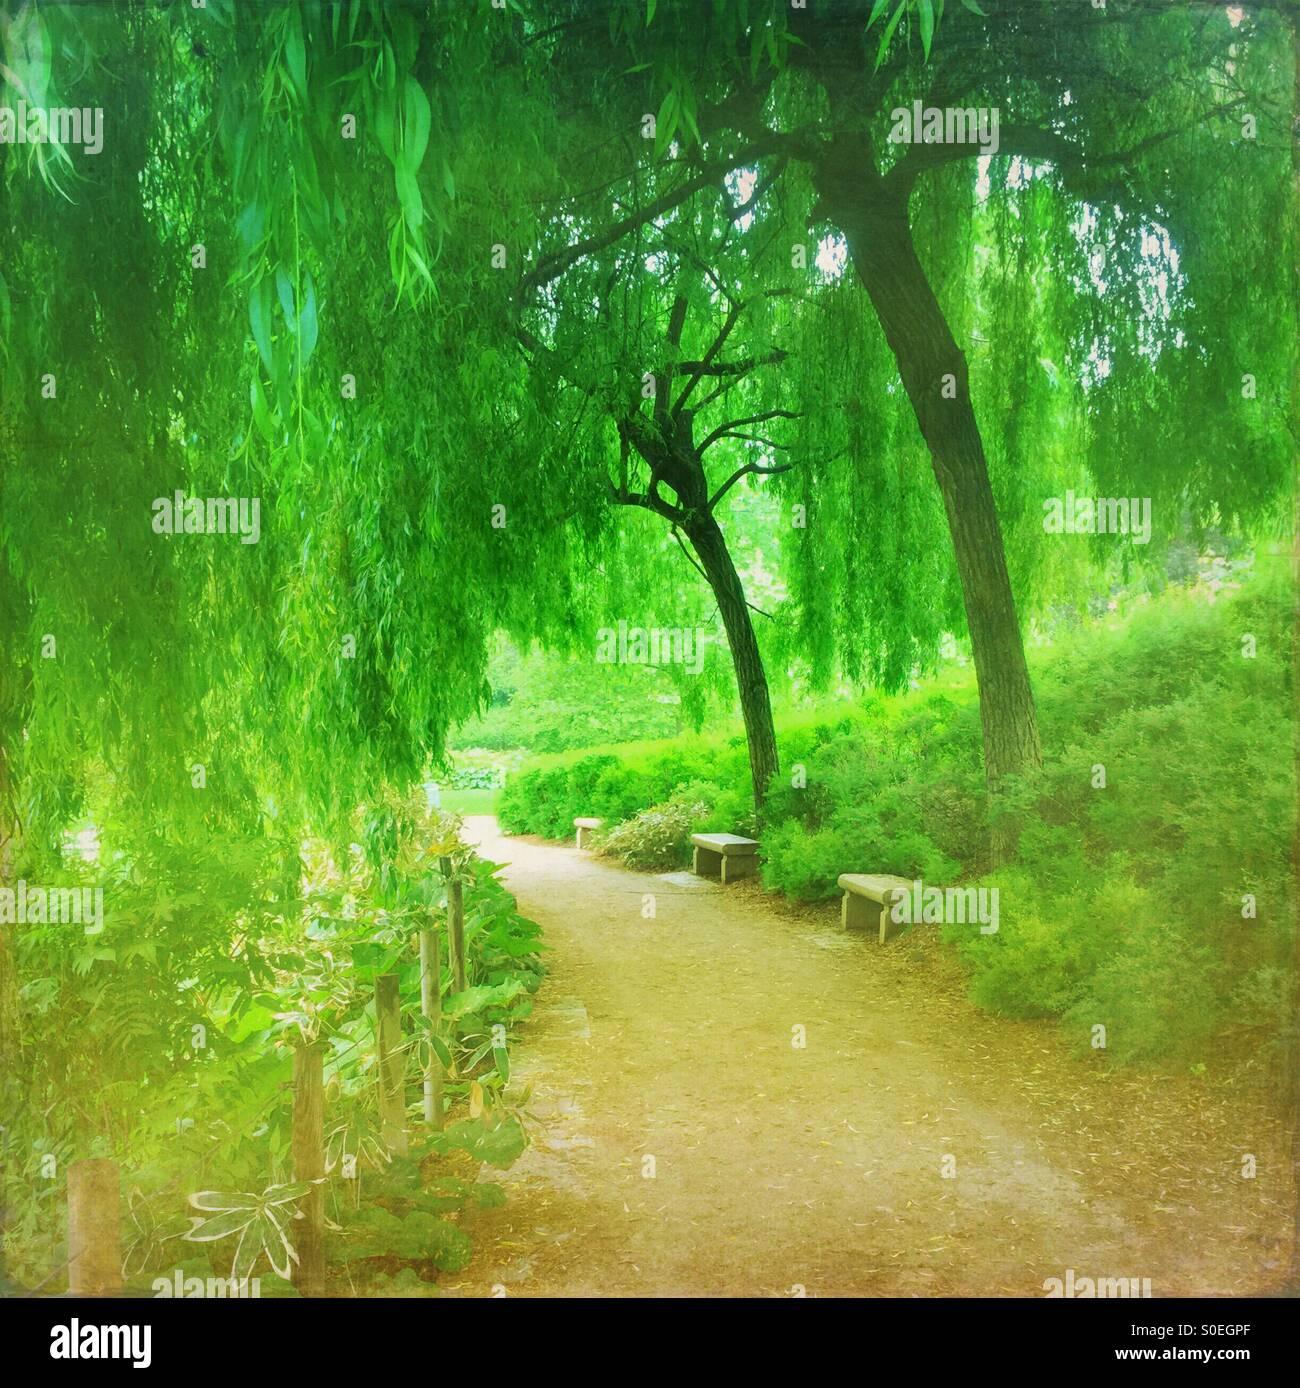 Green verdoyant parc de Bercy avec Arbres et feuillage frais du printemps à Paris, France. Superposition de texture vintage. Banque D'Images